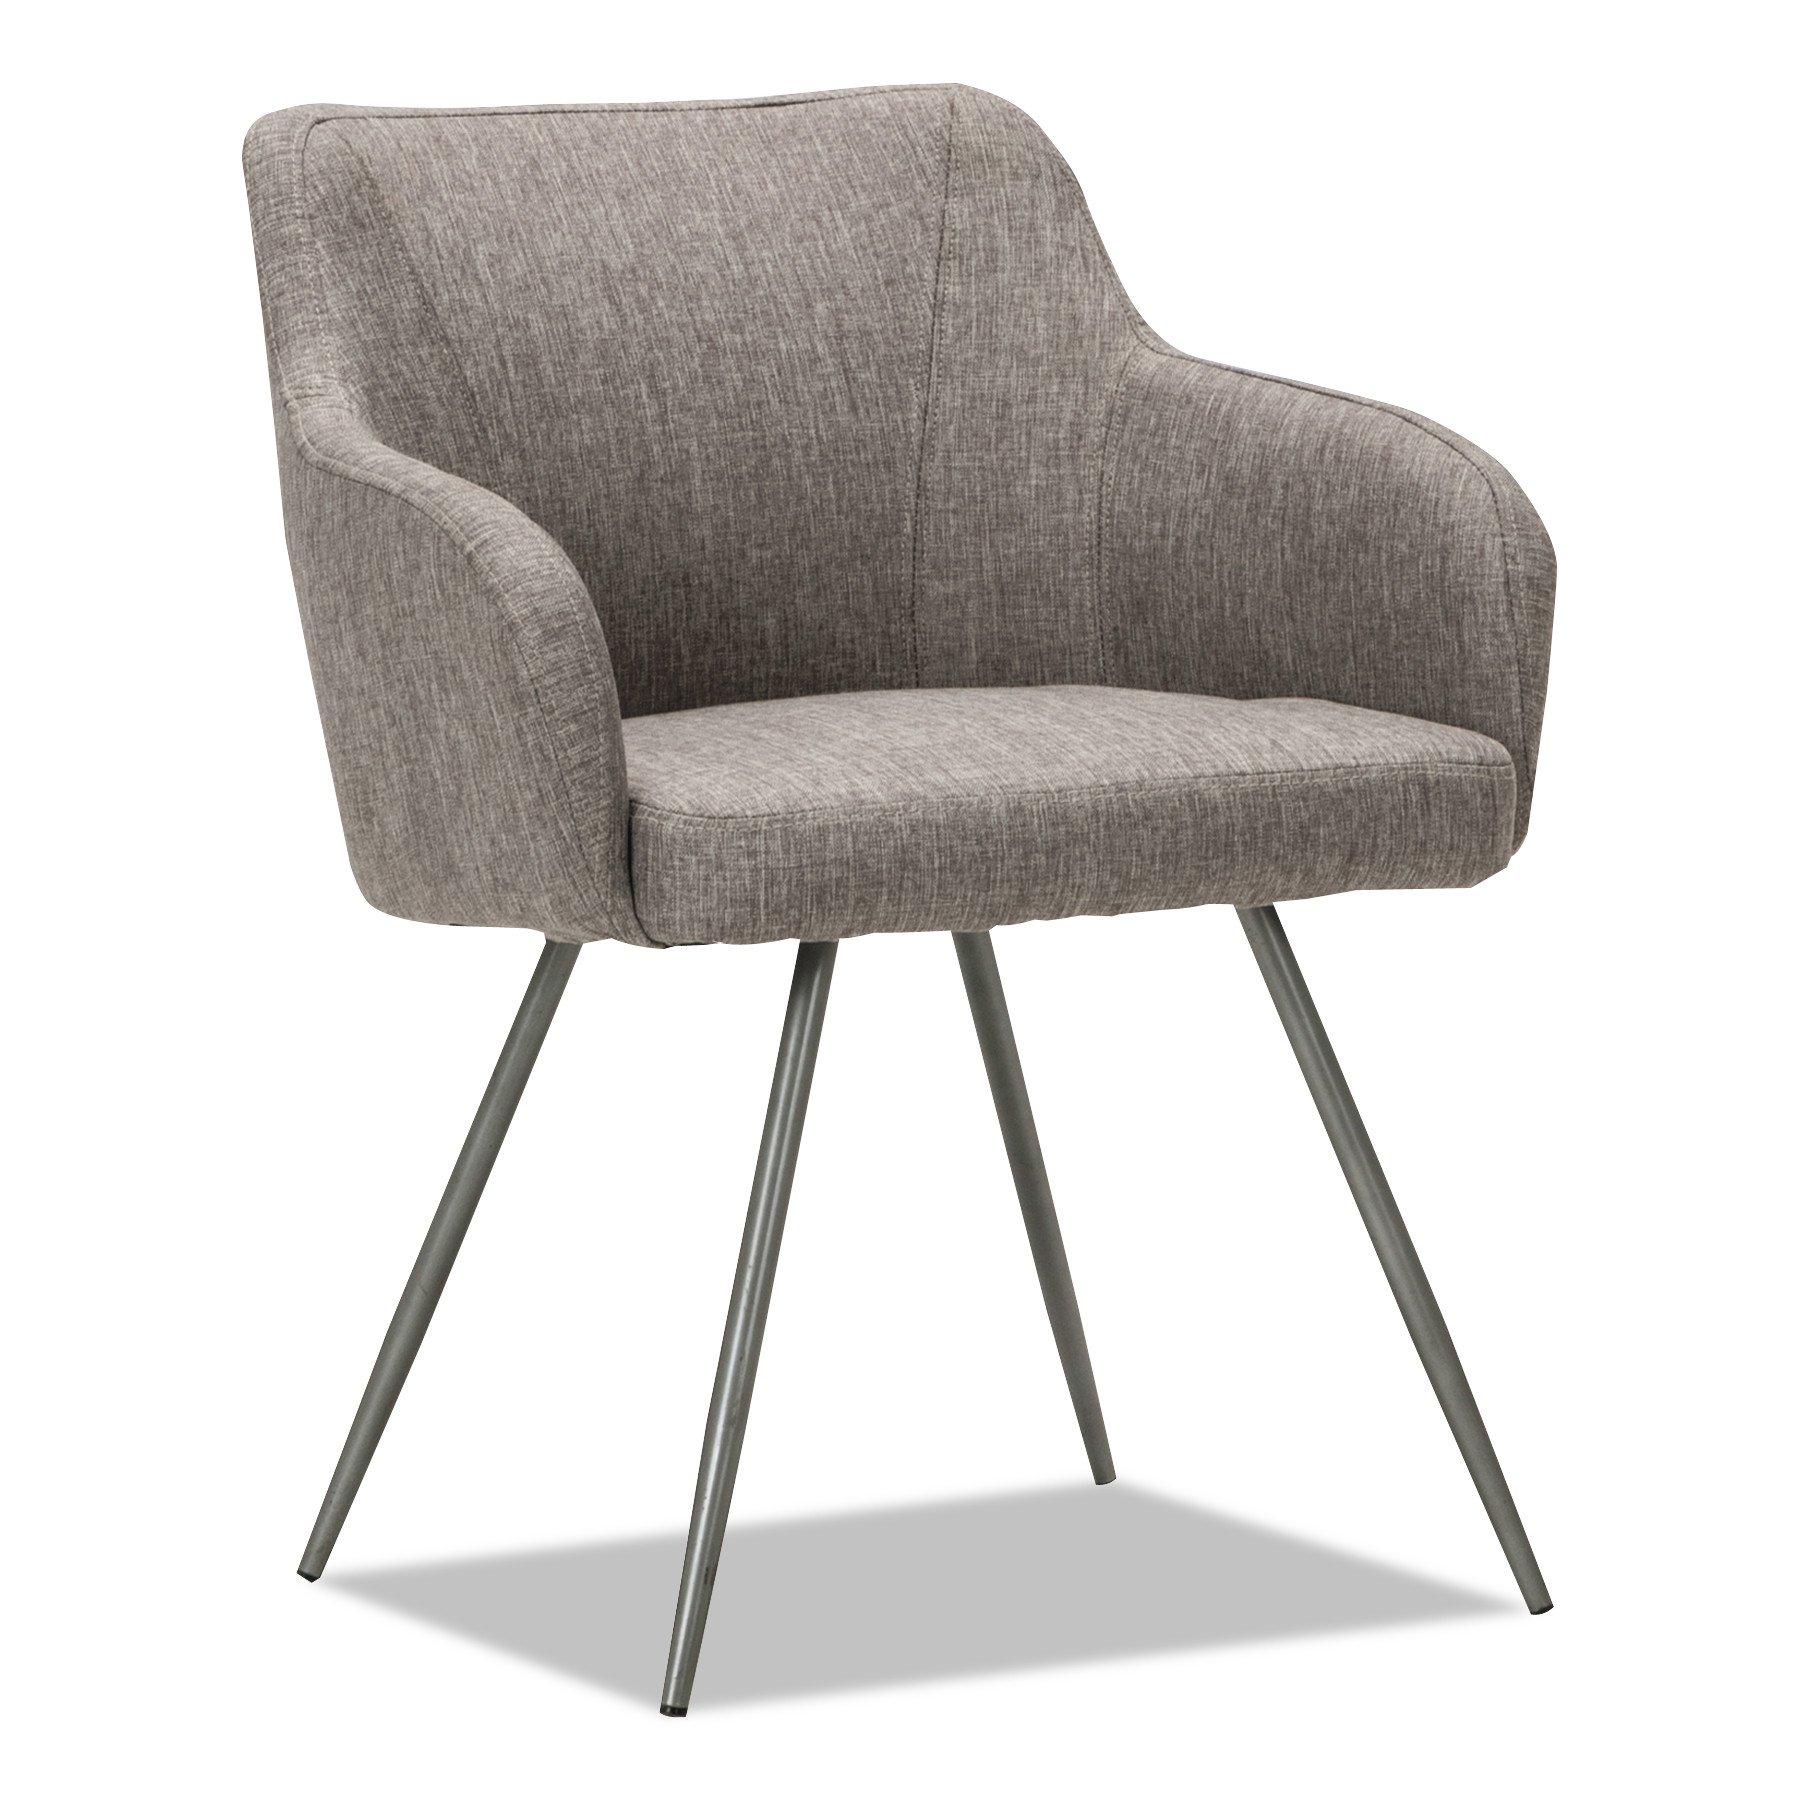 Alera ALECS4351 Captain Series Guest Chair, Gray Tweed